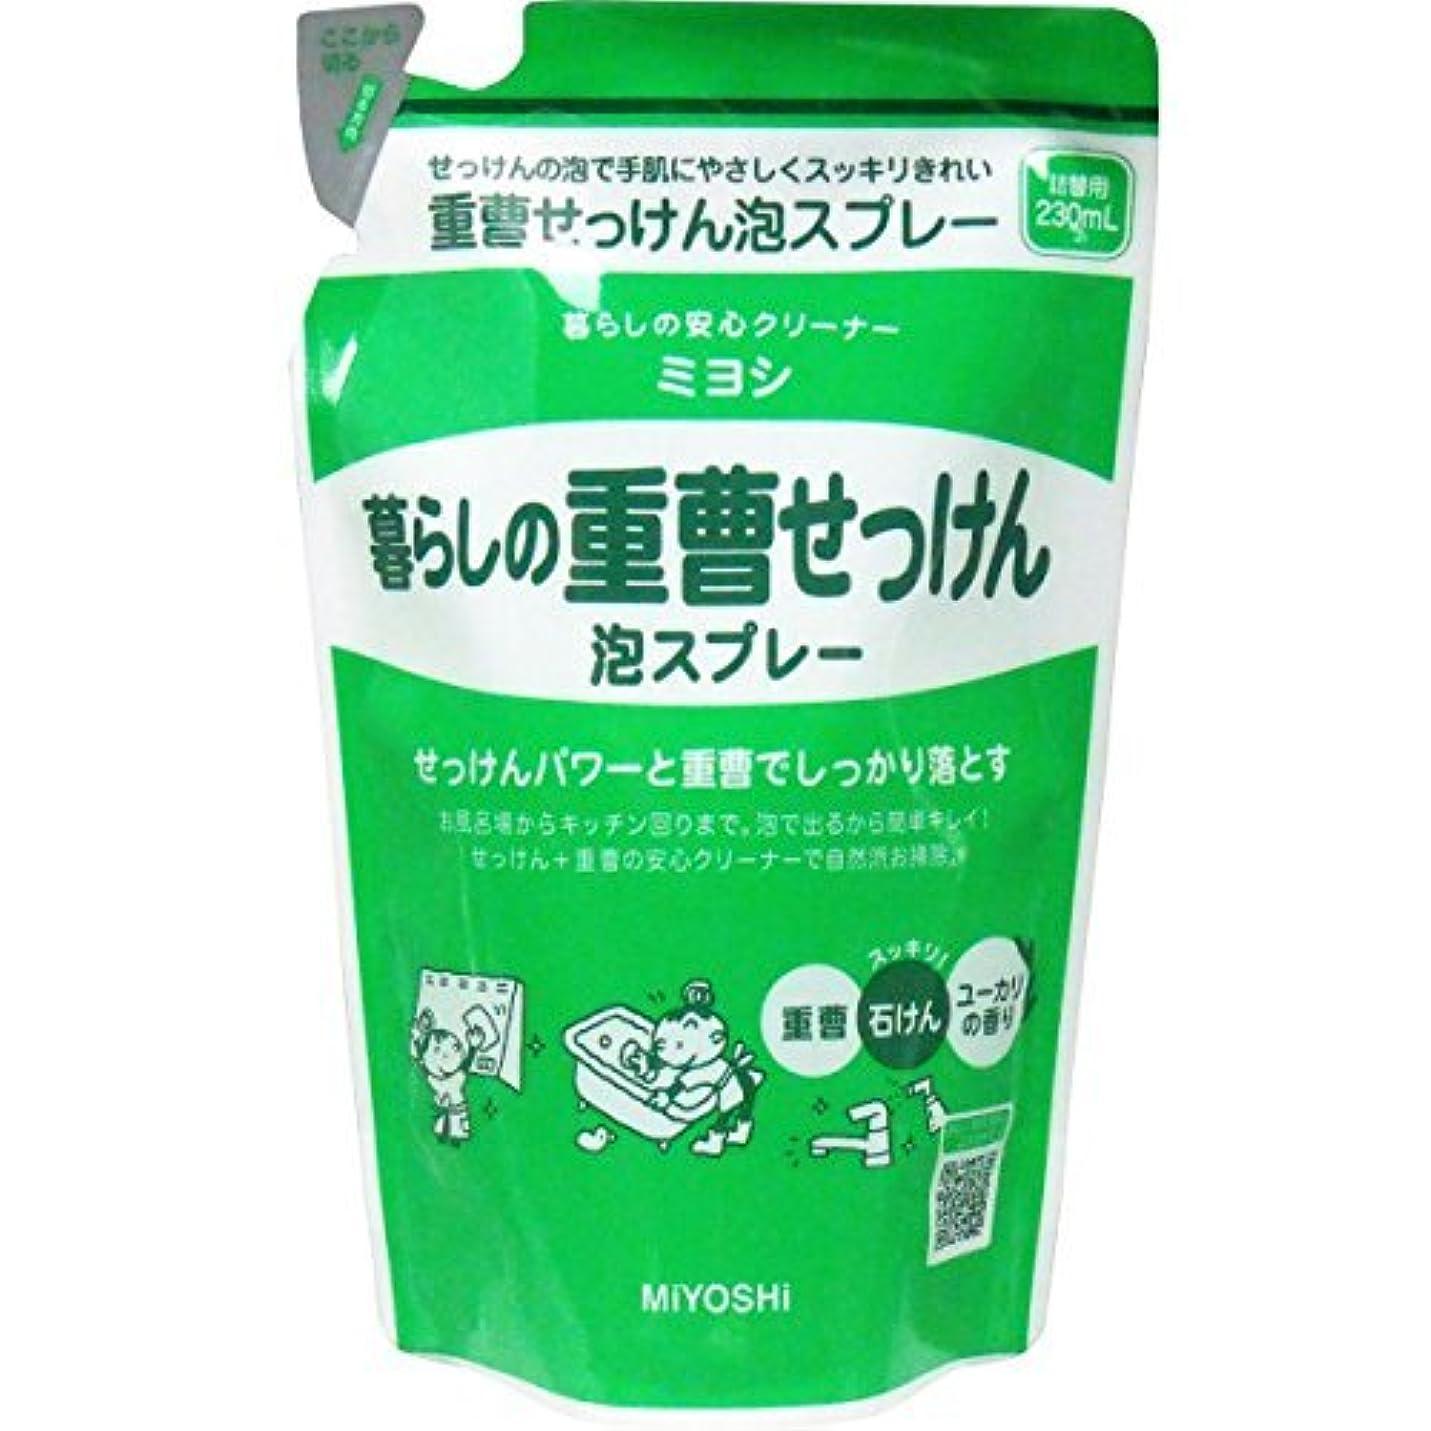 【まとめ買い】暮らしの重曹せっけん泡スプレー 詰替 230ML ミヨシ石鹸 ×5個